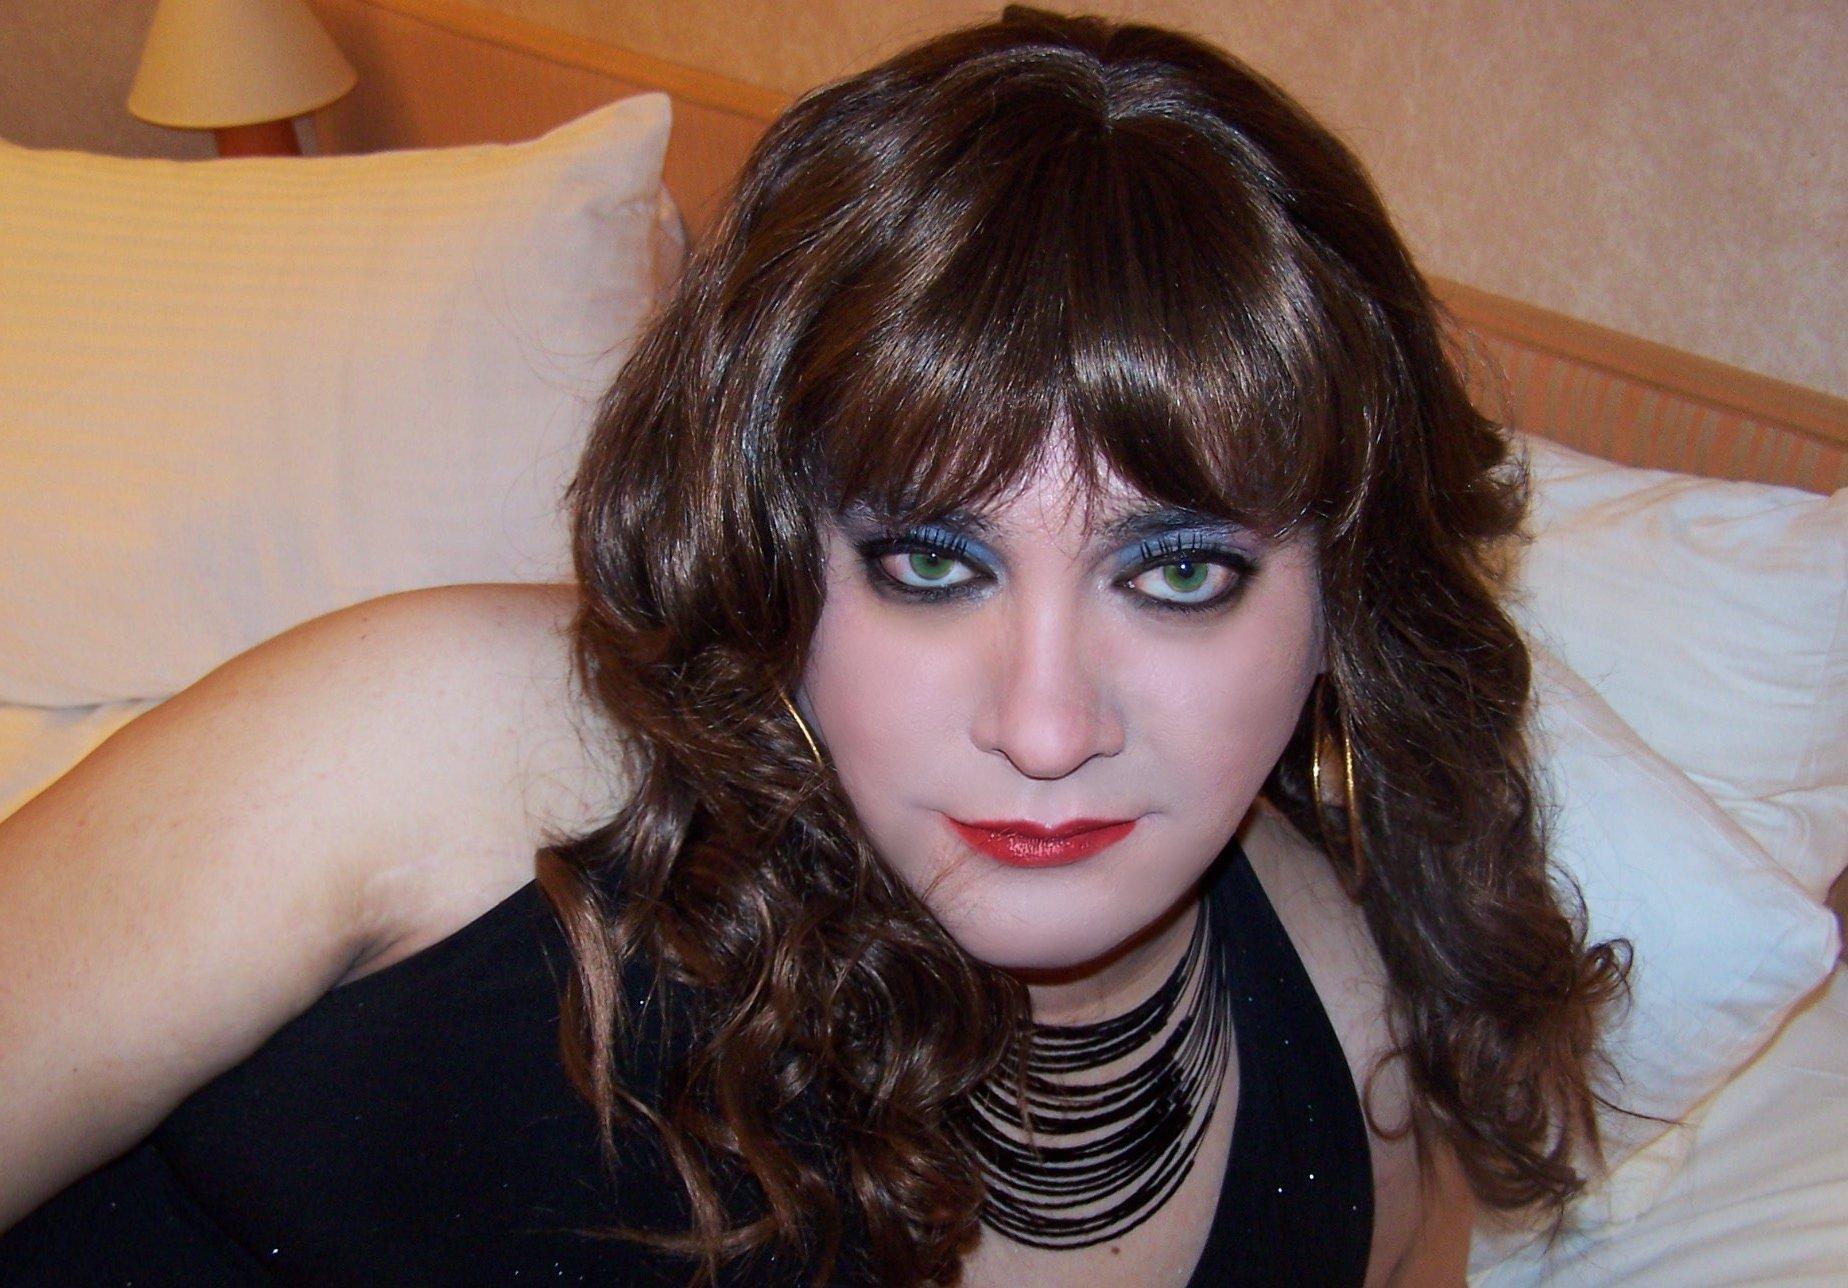 černé transvestity sexu